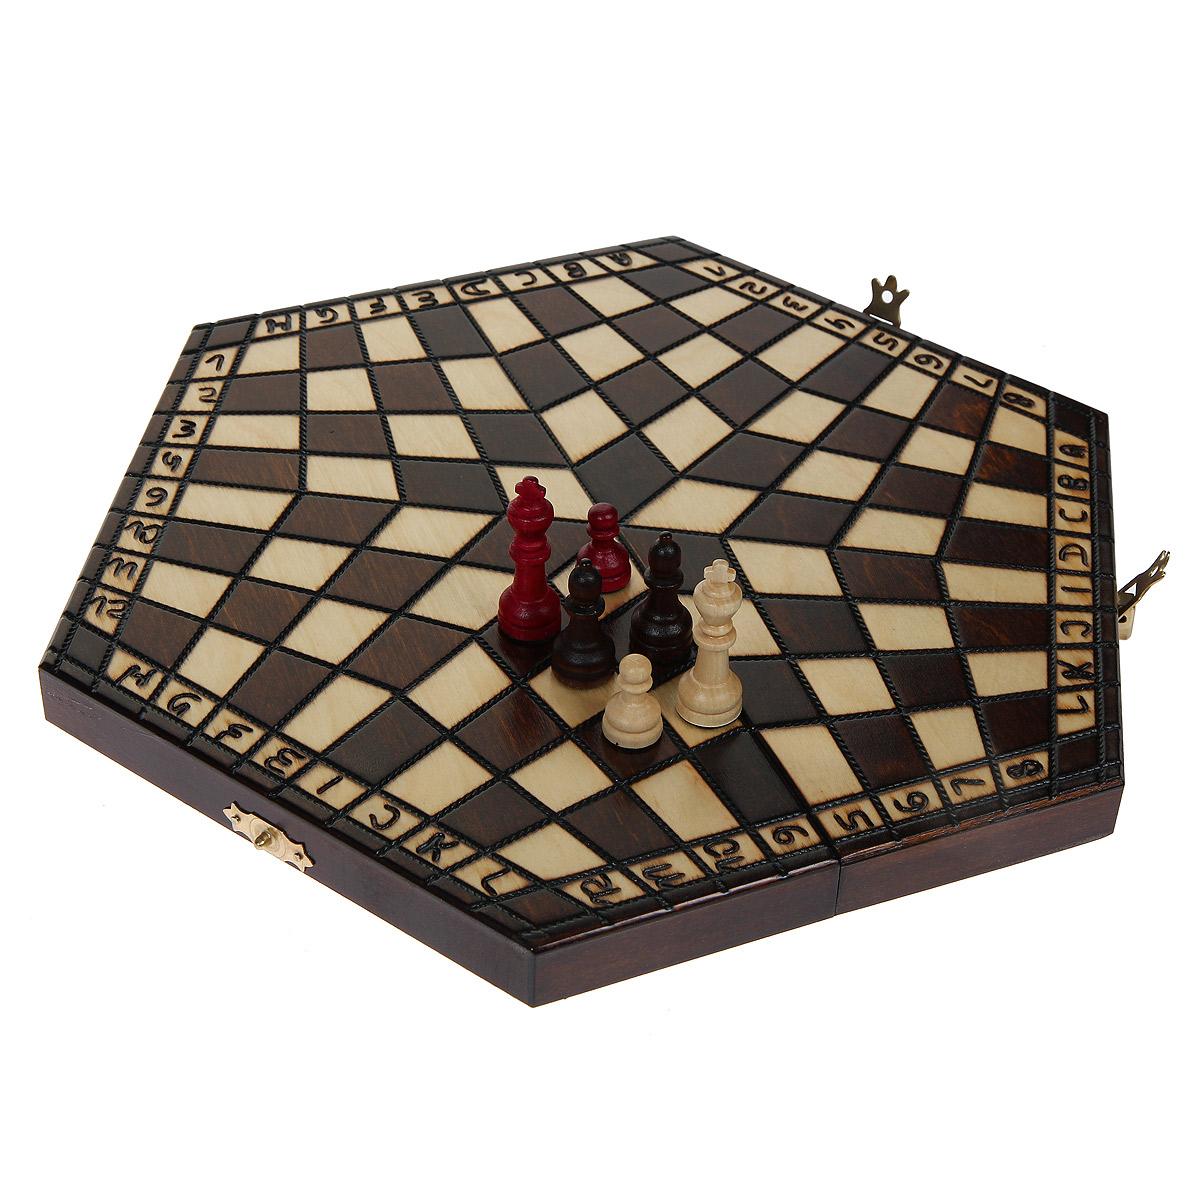 Шахматы Madon На троих, размер: 16х28х4,5 см. 01640164Шахматы На троих - это обычные классические шахматы, только для троих игроков. Игра представляет собой деревянный кейс, закрывающийся на два замка-защелки. Внешняя поверхность кейса - игровое поле в форме правильного шестиугольника, разделенное на три зоны по 32 клеточки на каждой из них. В этом основное отличие от классических шахмат. Внутри - 3 ячейки для хранения шахматных фигур. Все фигуры разных цветов (красный, коричневый, слоновая кость). Внутренняя поверхность кейса отделана бархатистой тканью зеленого цвета. Шахматная игра до сих пор была ограничена количеством двоих участников, в которой лучший игрок выигрывал с монотонной регулярностью. Шахматы На троих - это та же классическая игра, известная всем, но усовершенствованная для троих игроков, что делает ее уникальной и еще более интересной. В комплекте - подробная инструкция с правилами игры.